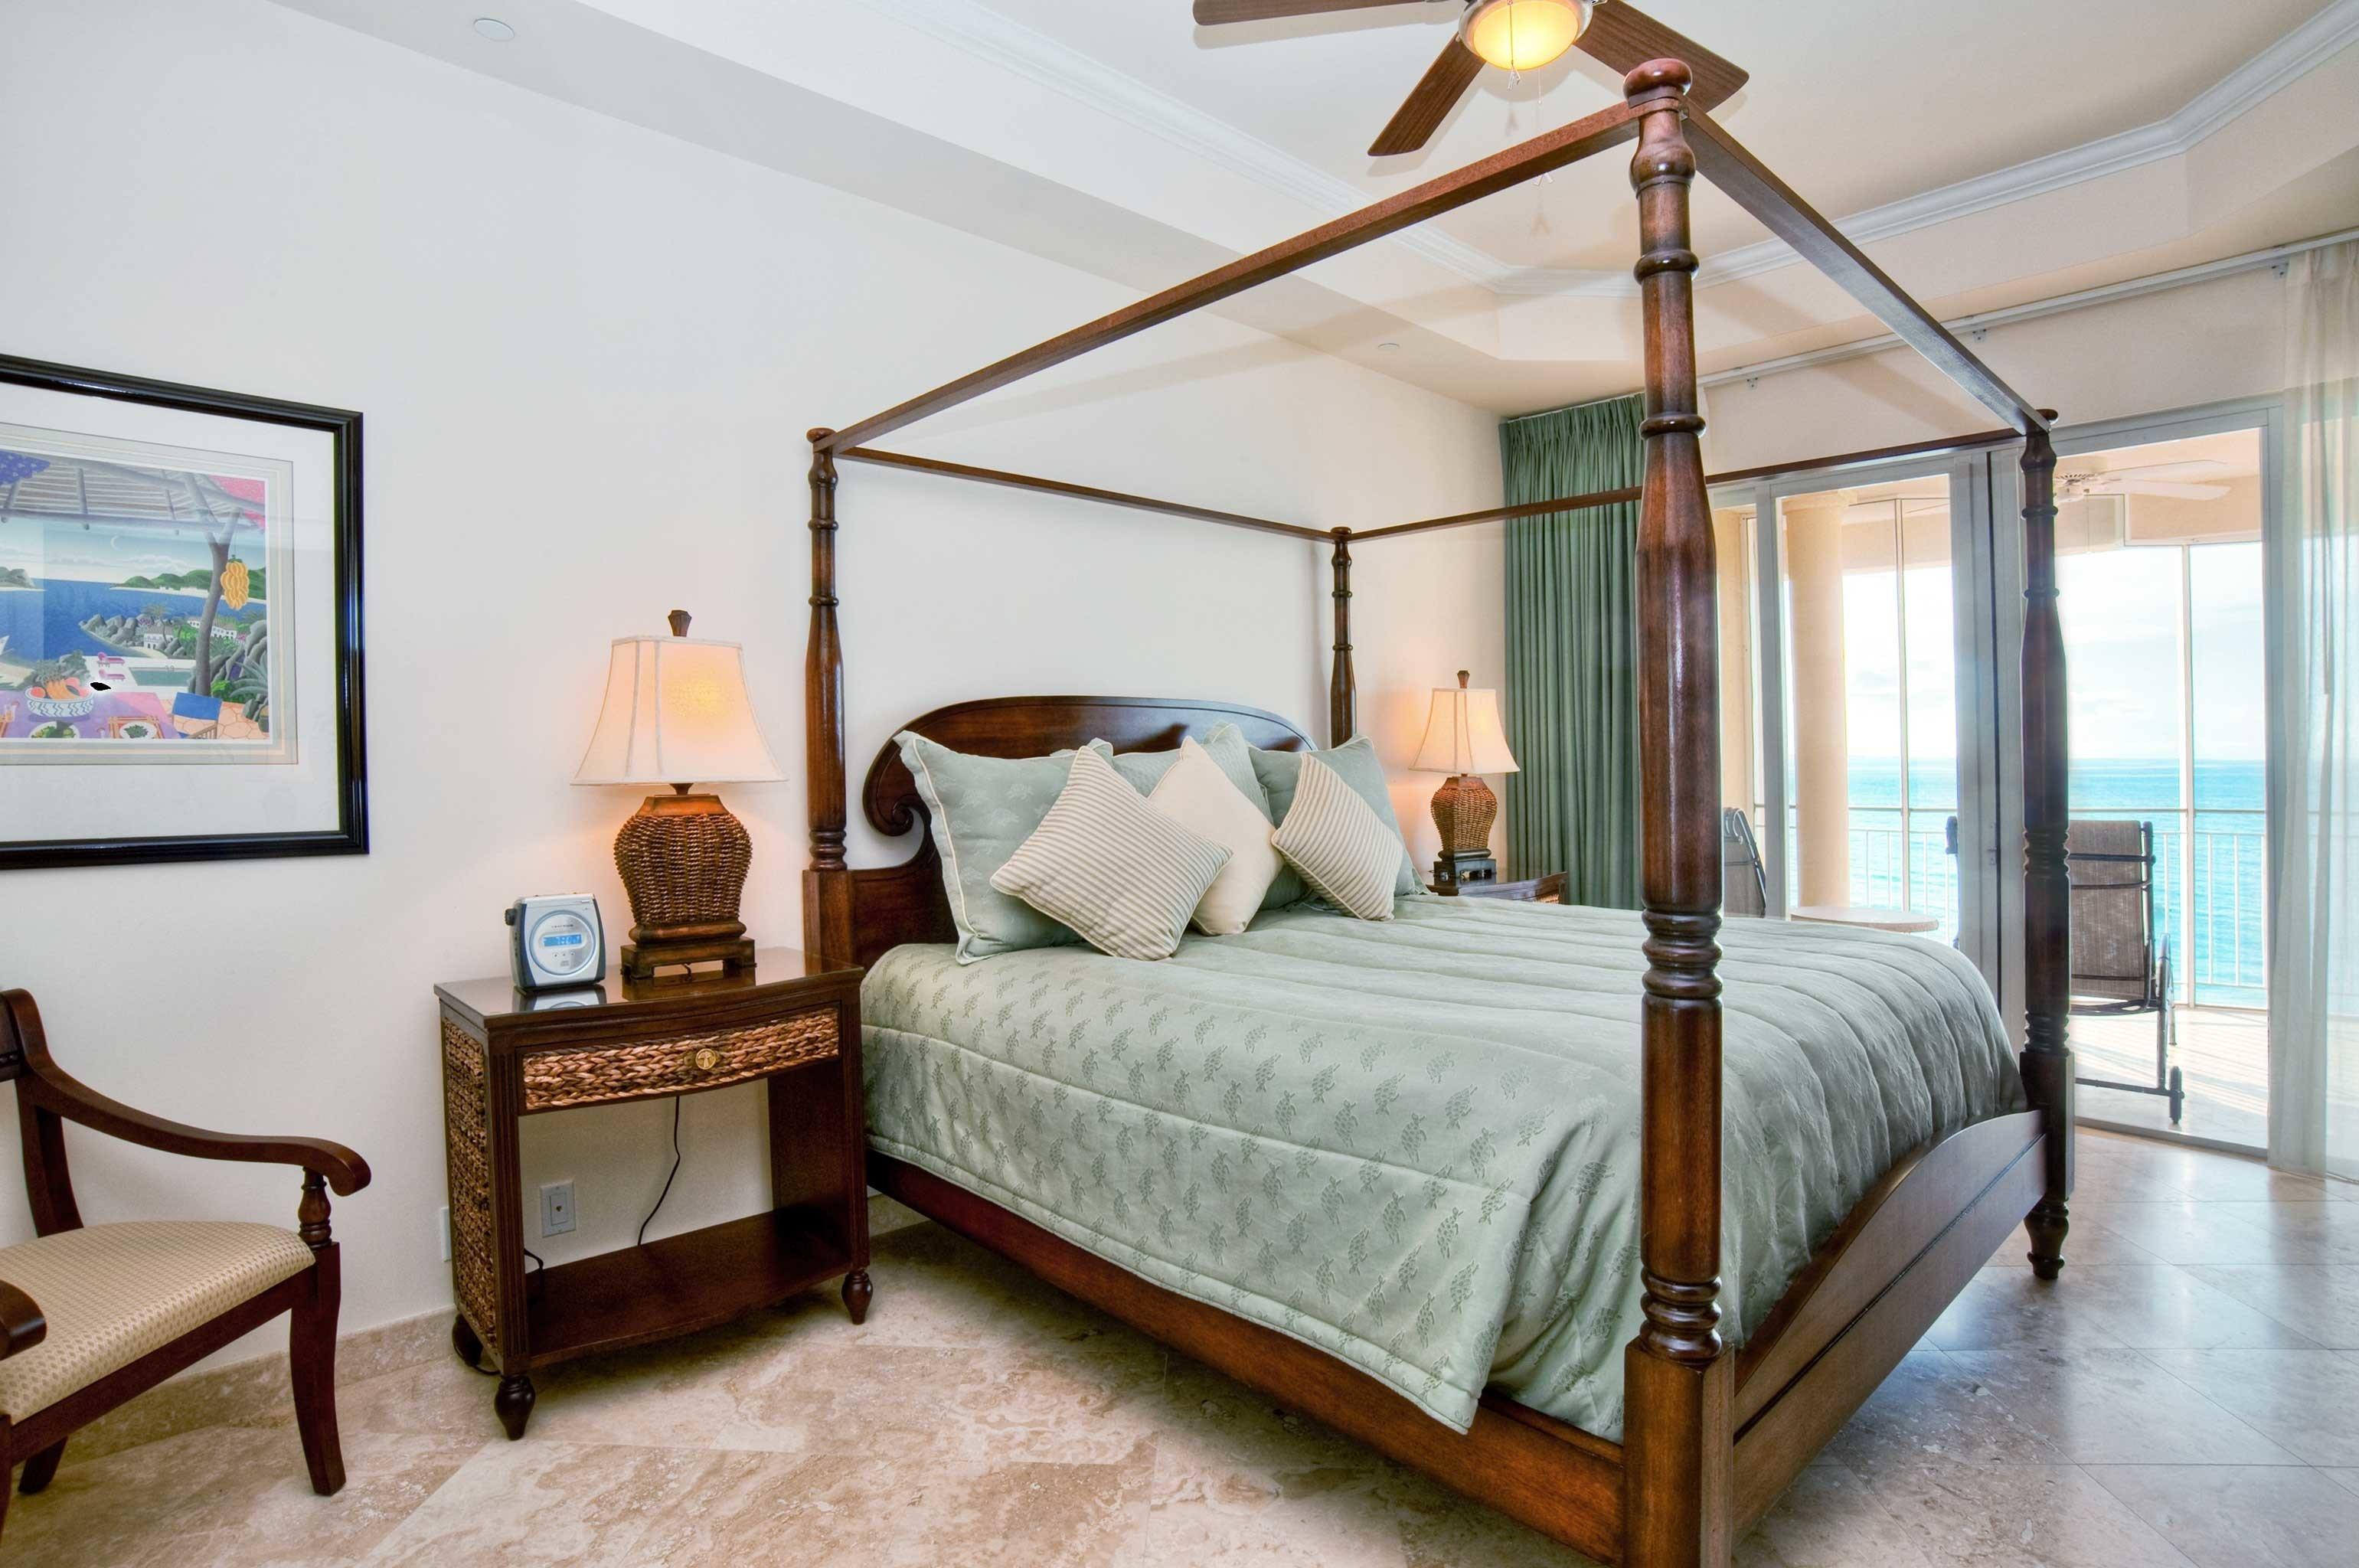 Bedroom Classic Resort property home hardwood living room cottage bed frame Suite lamp